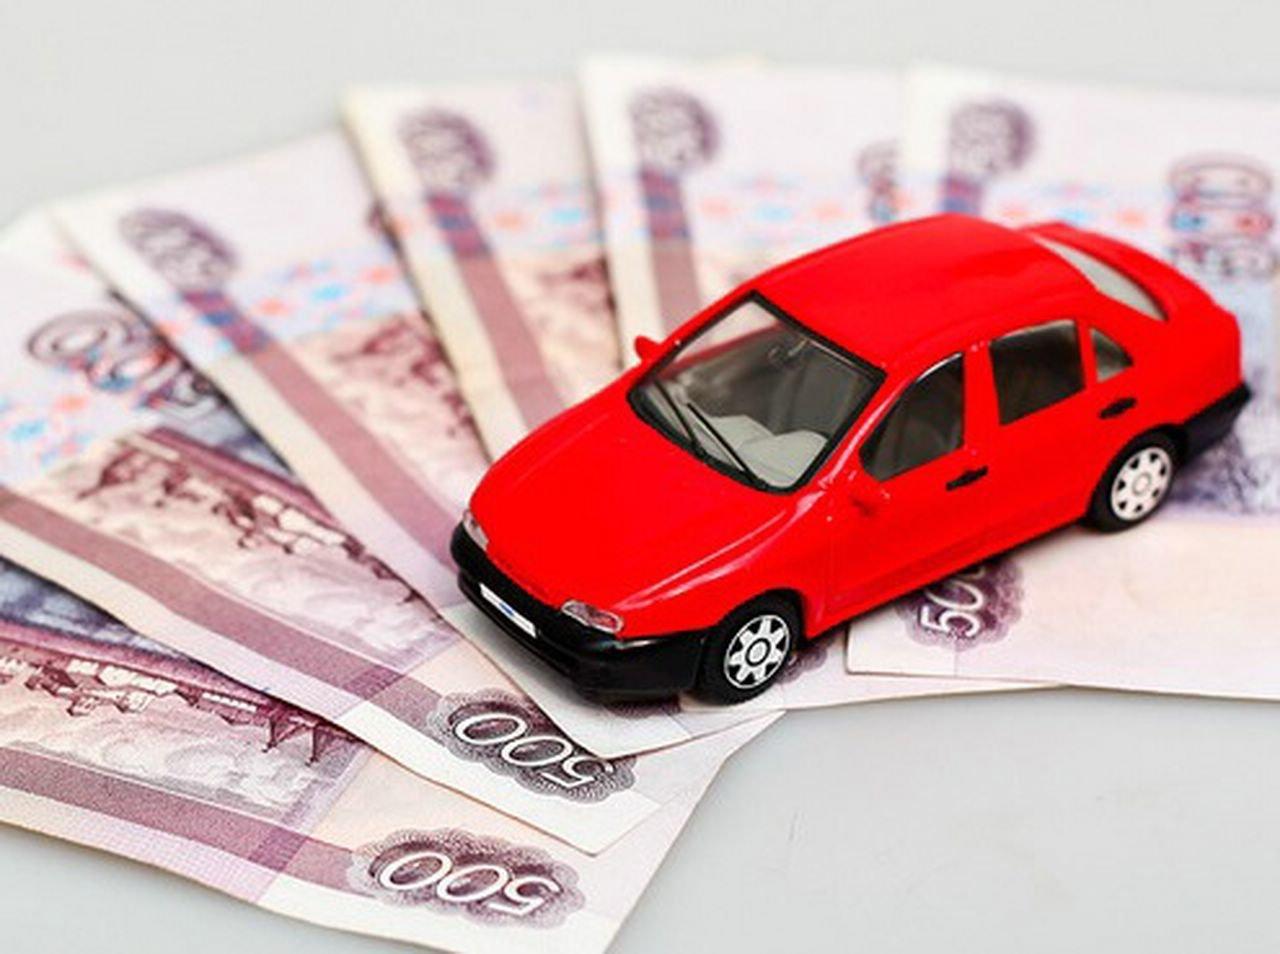 ВБашкирии поменяется транспортный налоговый сбор - часть льгот отменят